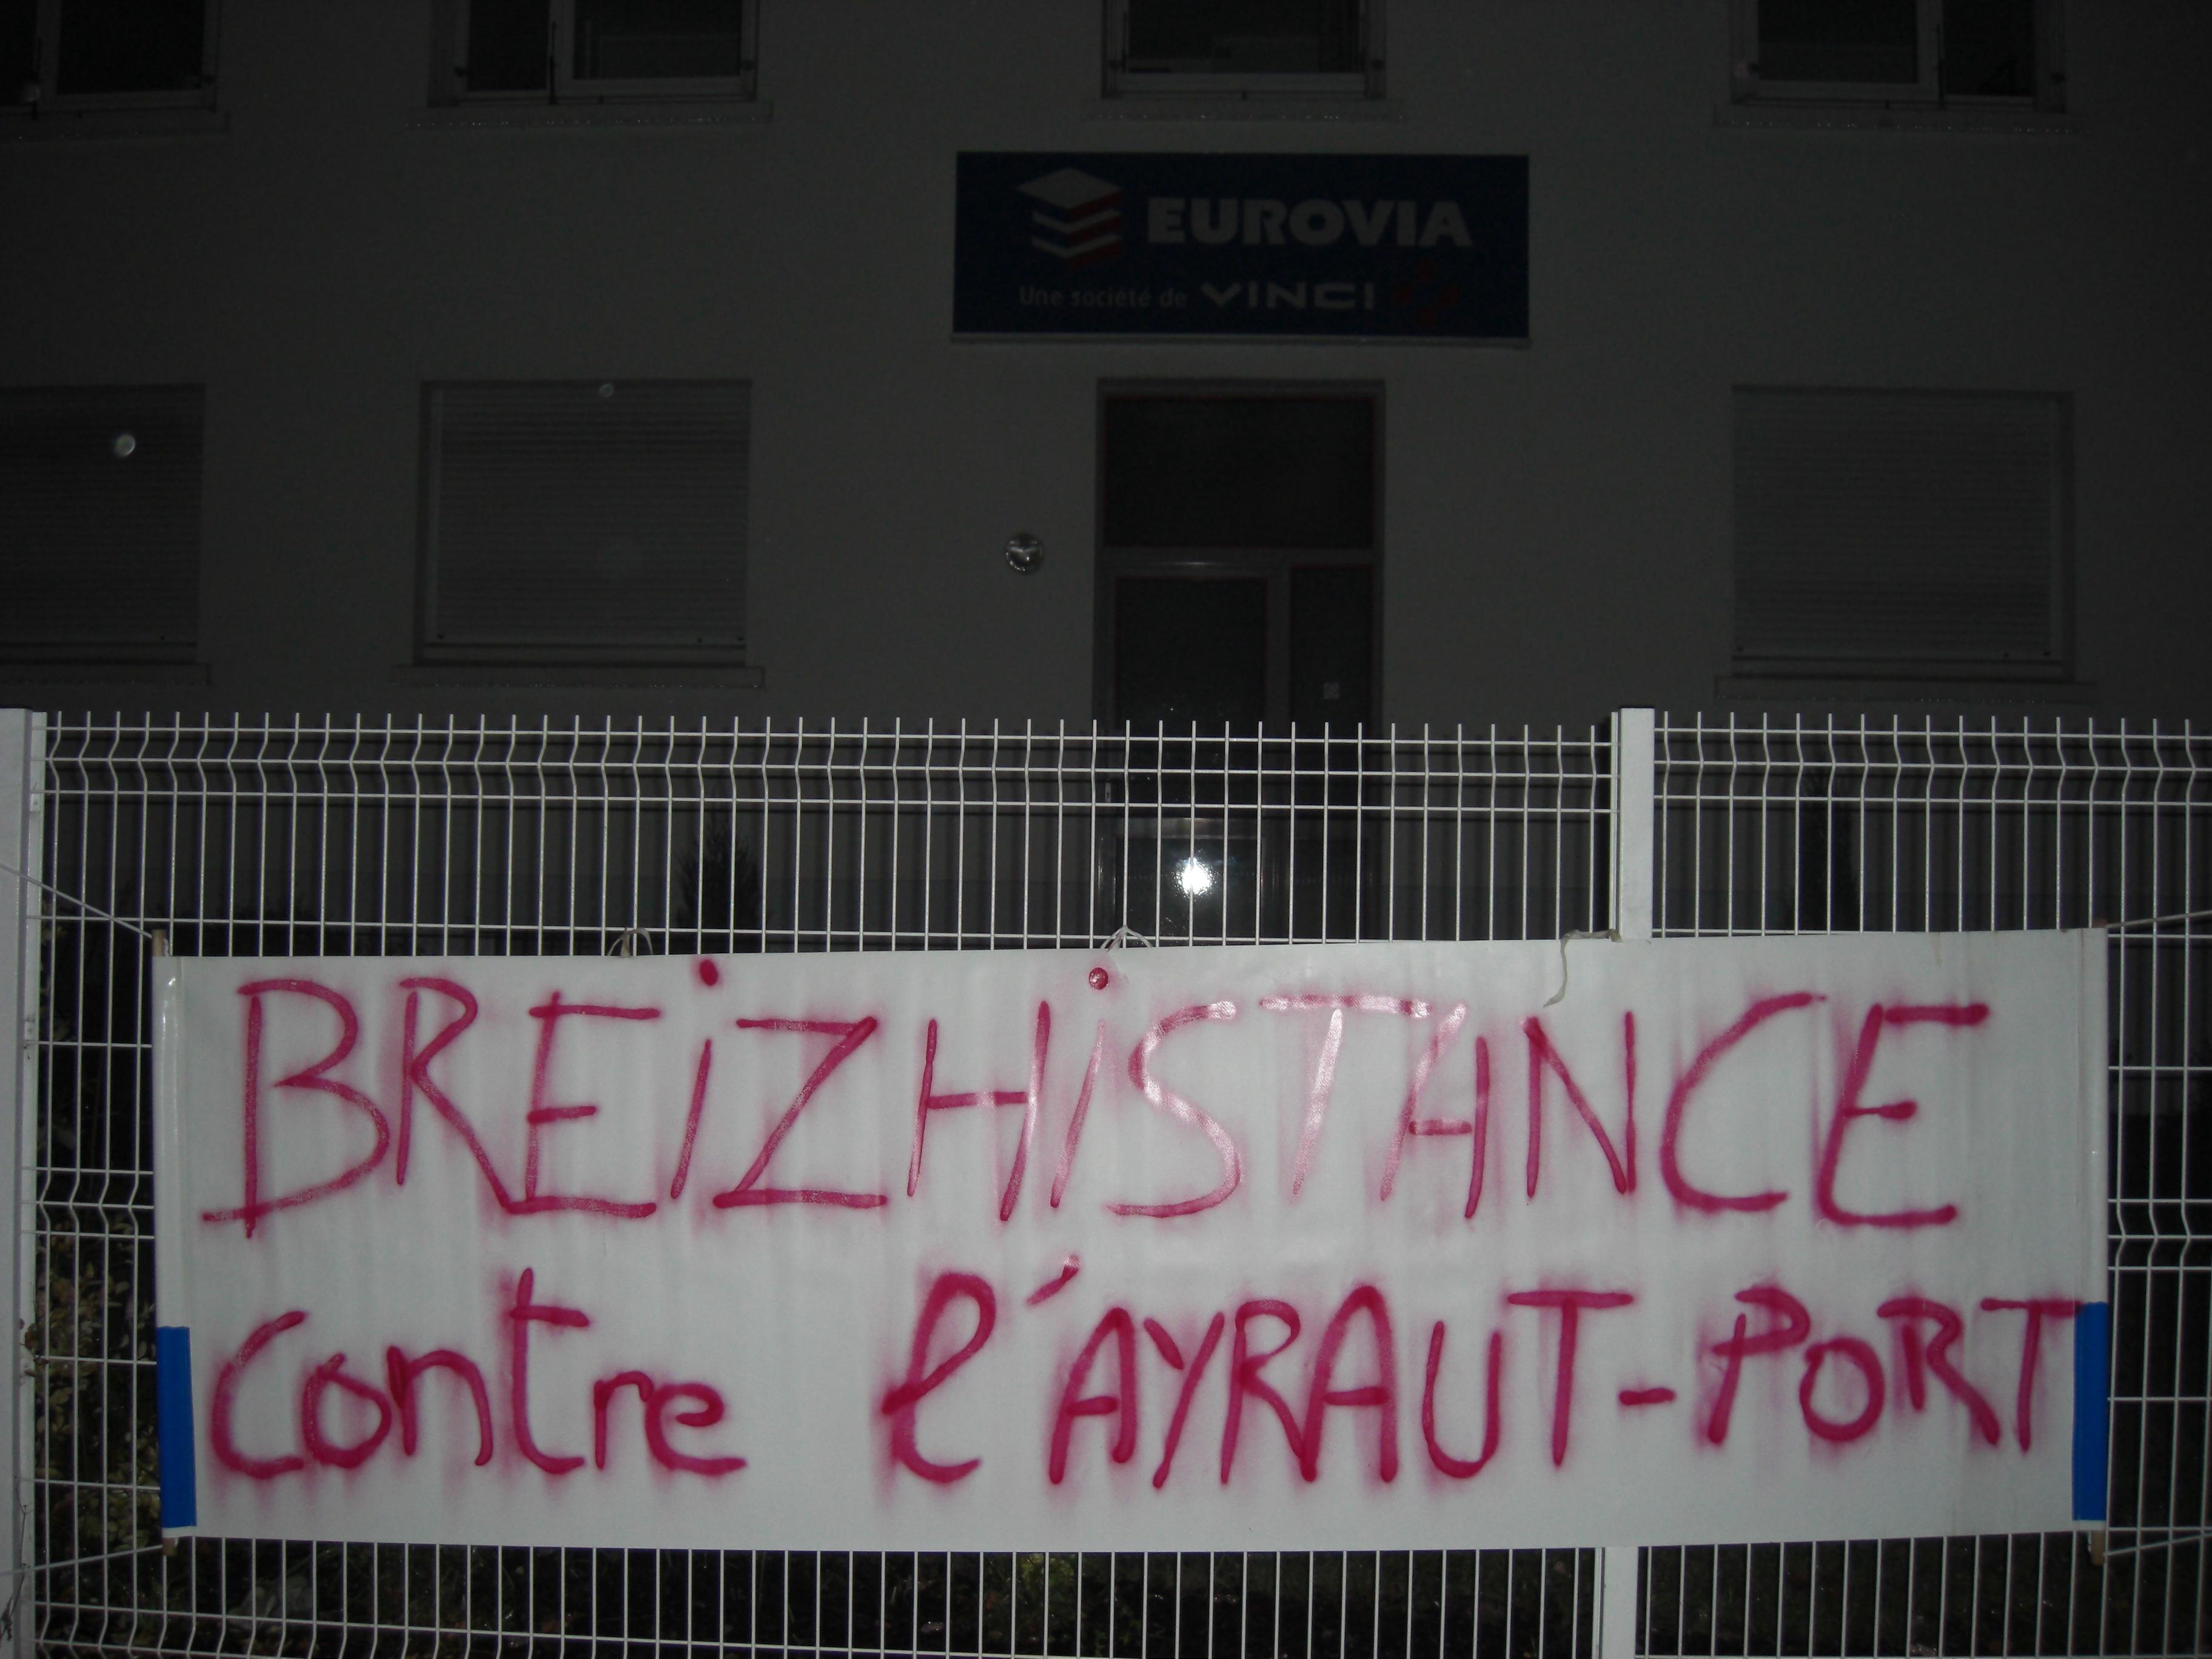 Partout en bretagne actions de soutien aux habitants en for Berthelot construction carquefou